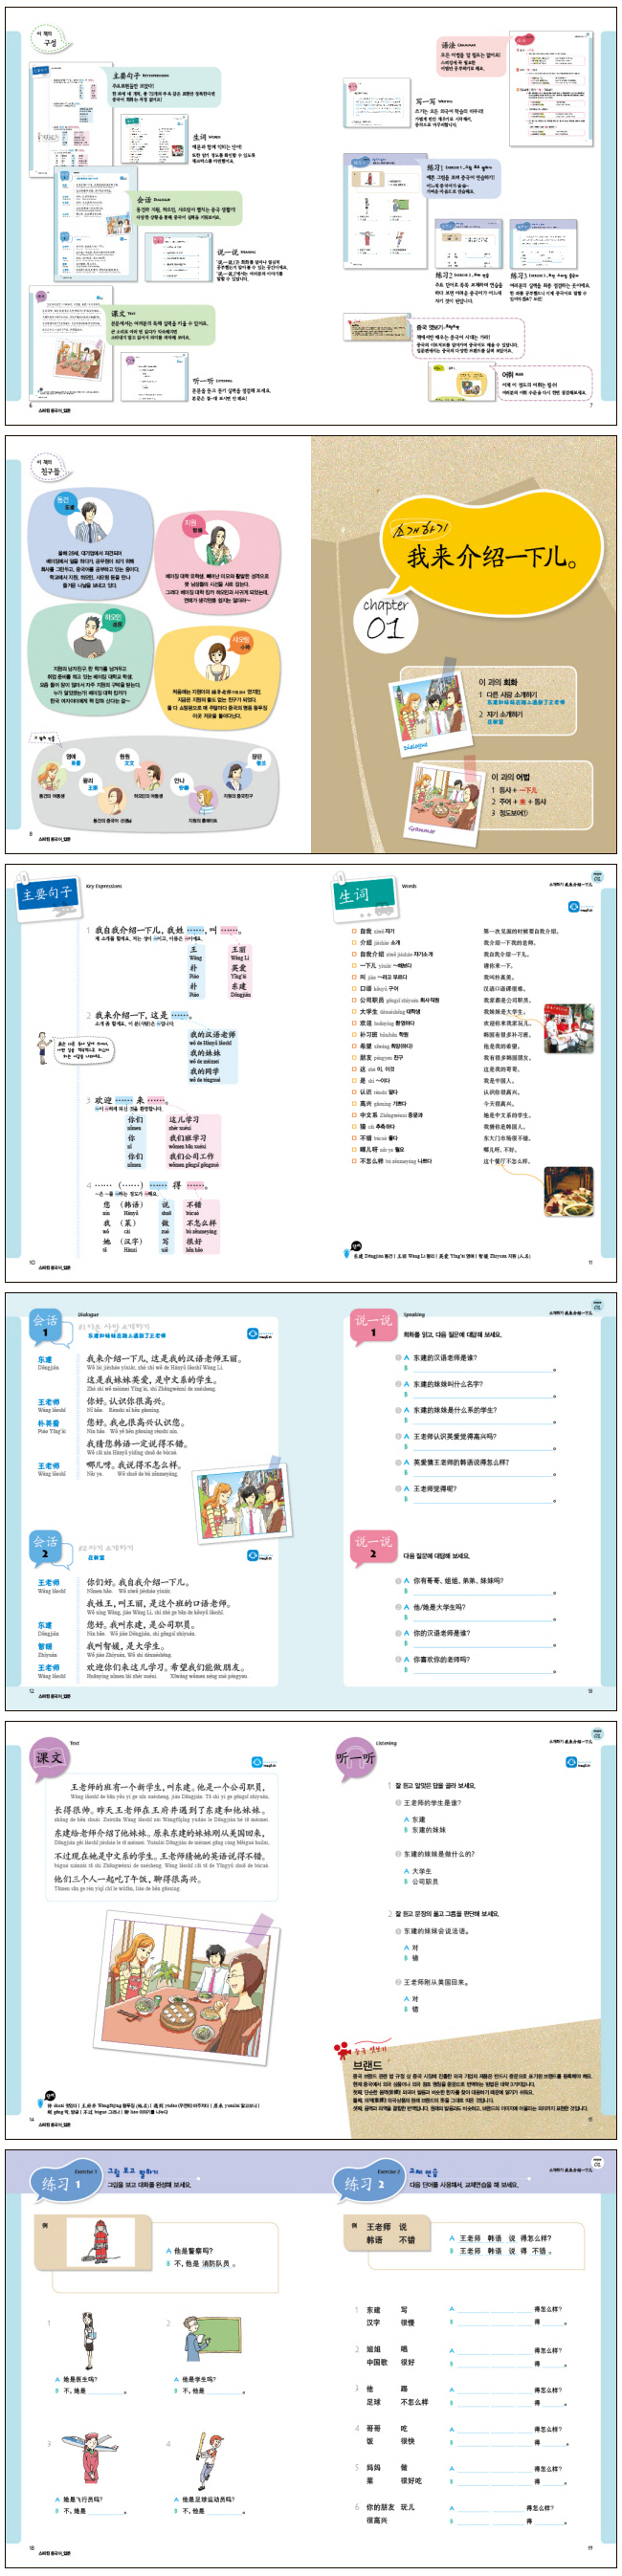 스피킹 중국어 입문(MP3CD1장포함)(스피킹중국어시리즈 1) 도서 상세이미지